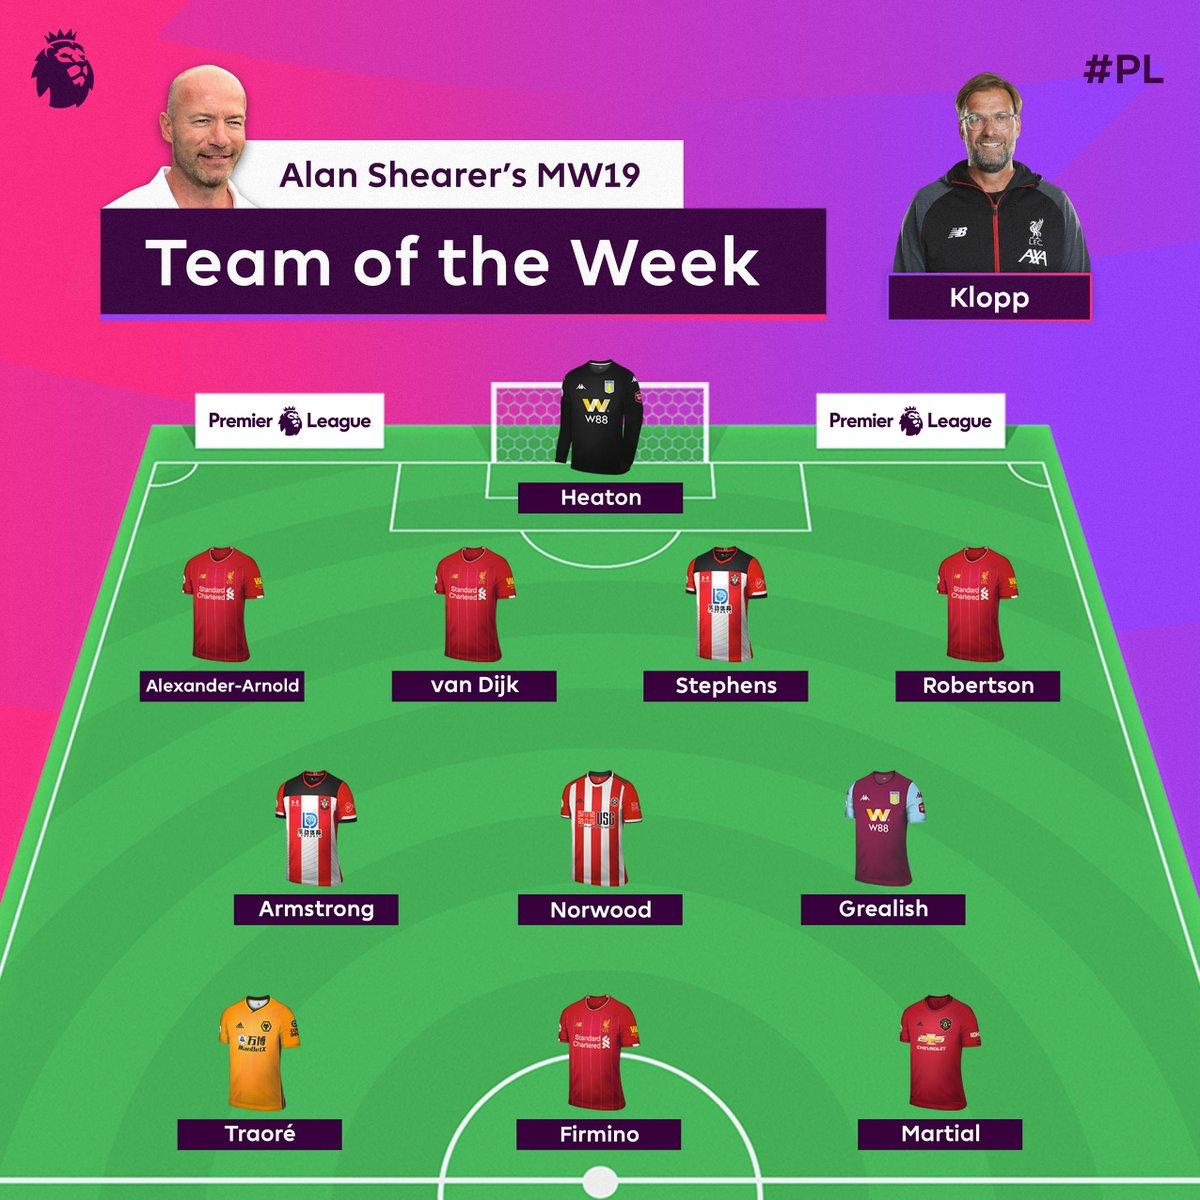 阿兰-希勒评英超本轮最佳阵容:利物浦4人入选